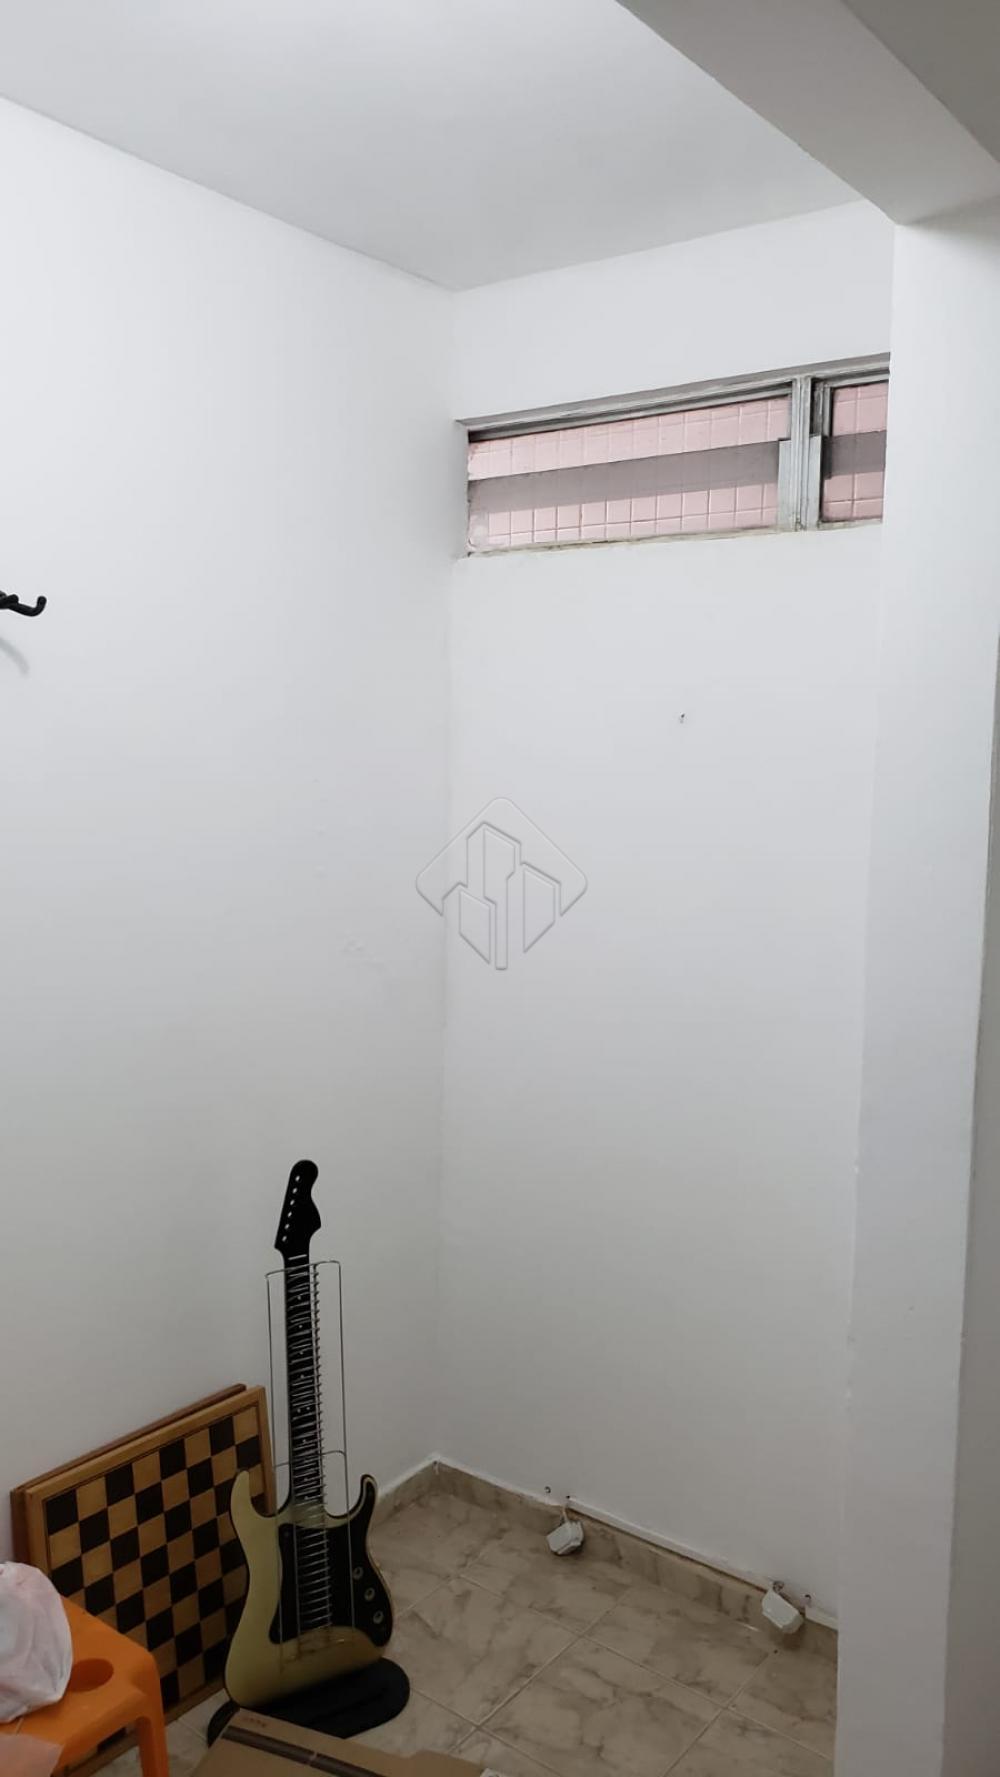 Apartamento localizado no bairro de Tambaú, um Bairro seguro, com ótima infraestrutura e fácil locomoção.  O Apartamento conta com:  -160 m² -Sala ampla -3 Quartos, sendo uma suíte -WC Social -Cozinha com ármarios -Dependência completa -2 Vagas de garagem -Nascente Norte  O Edifício possui água inclusa e um quarto de despejo no terreo.  AGENDE AGORA SUA VISITA TEIXEIRA DE CARVALHO IMOBILIÁRIA CRECI 304J - (83) 2106-4545